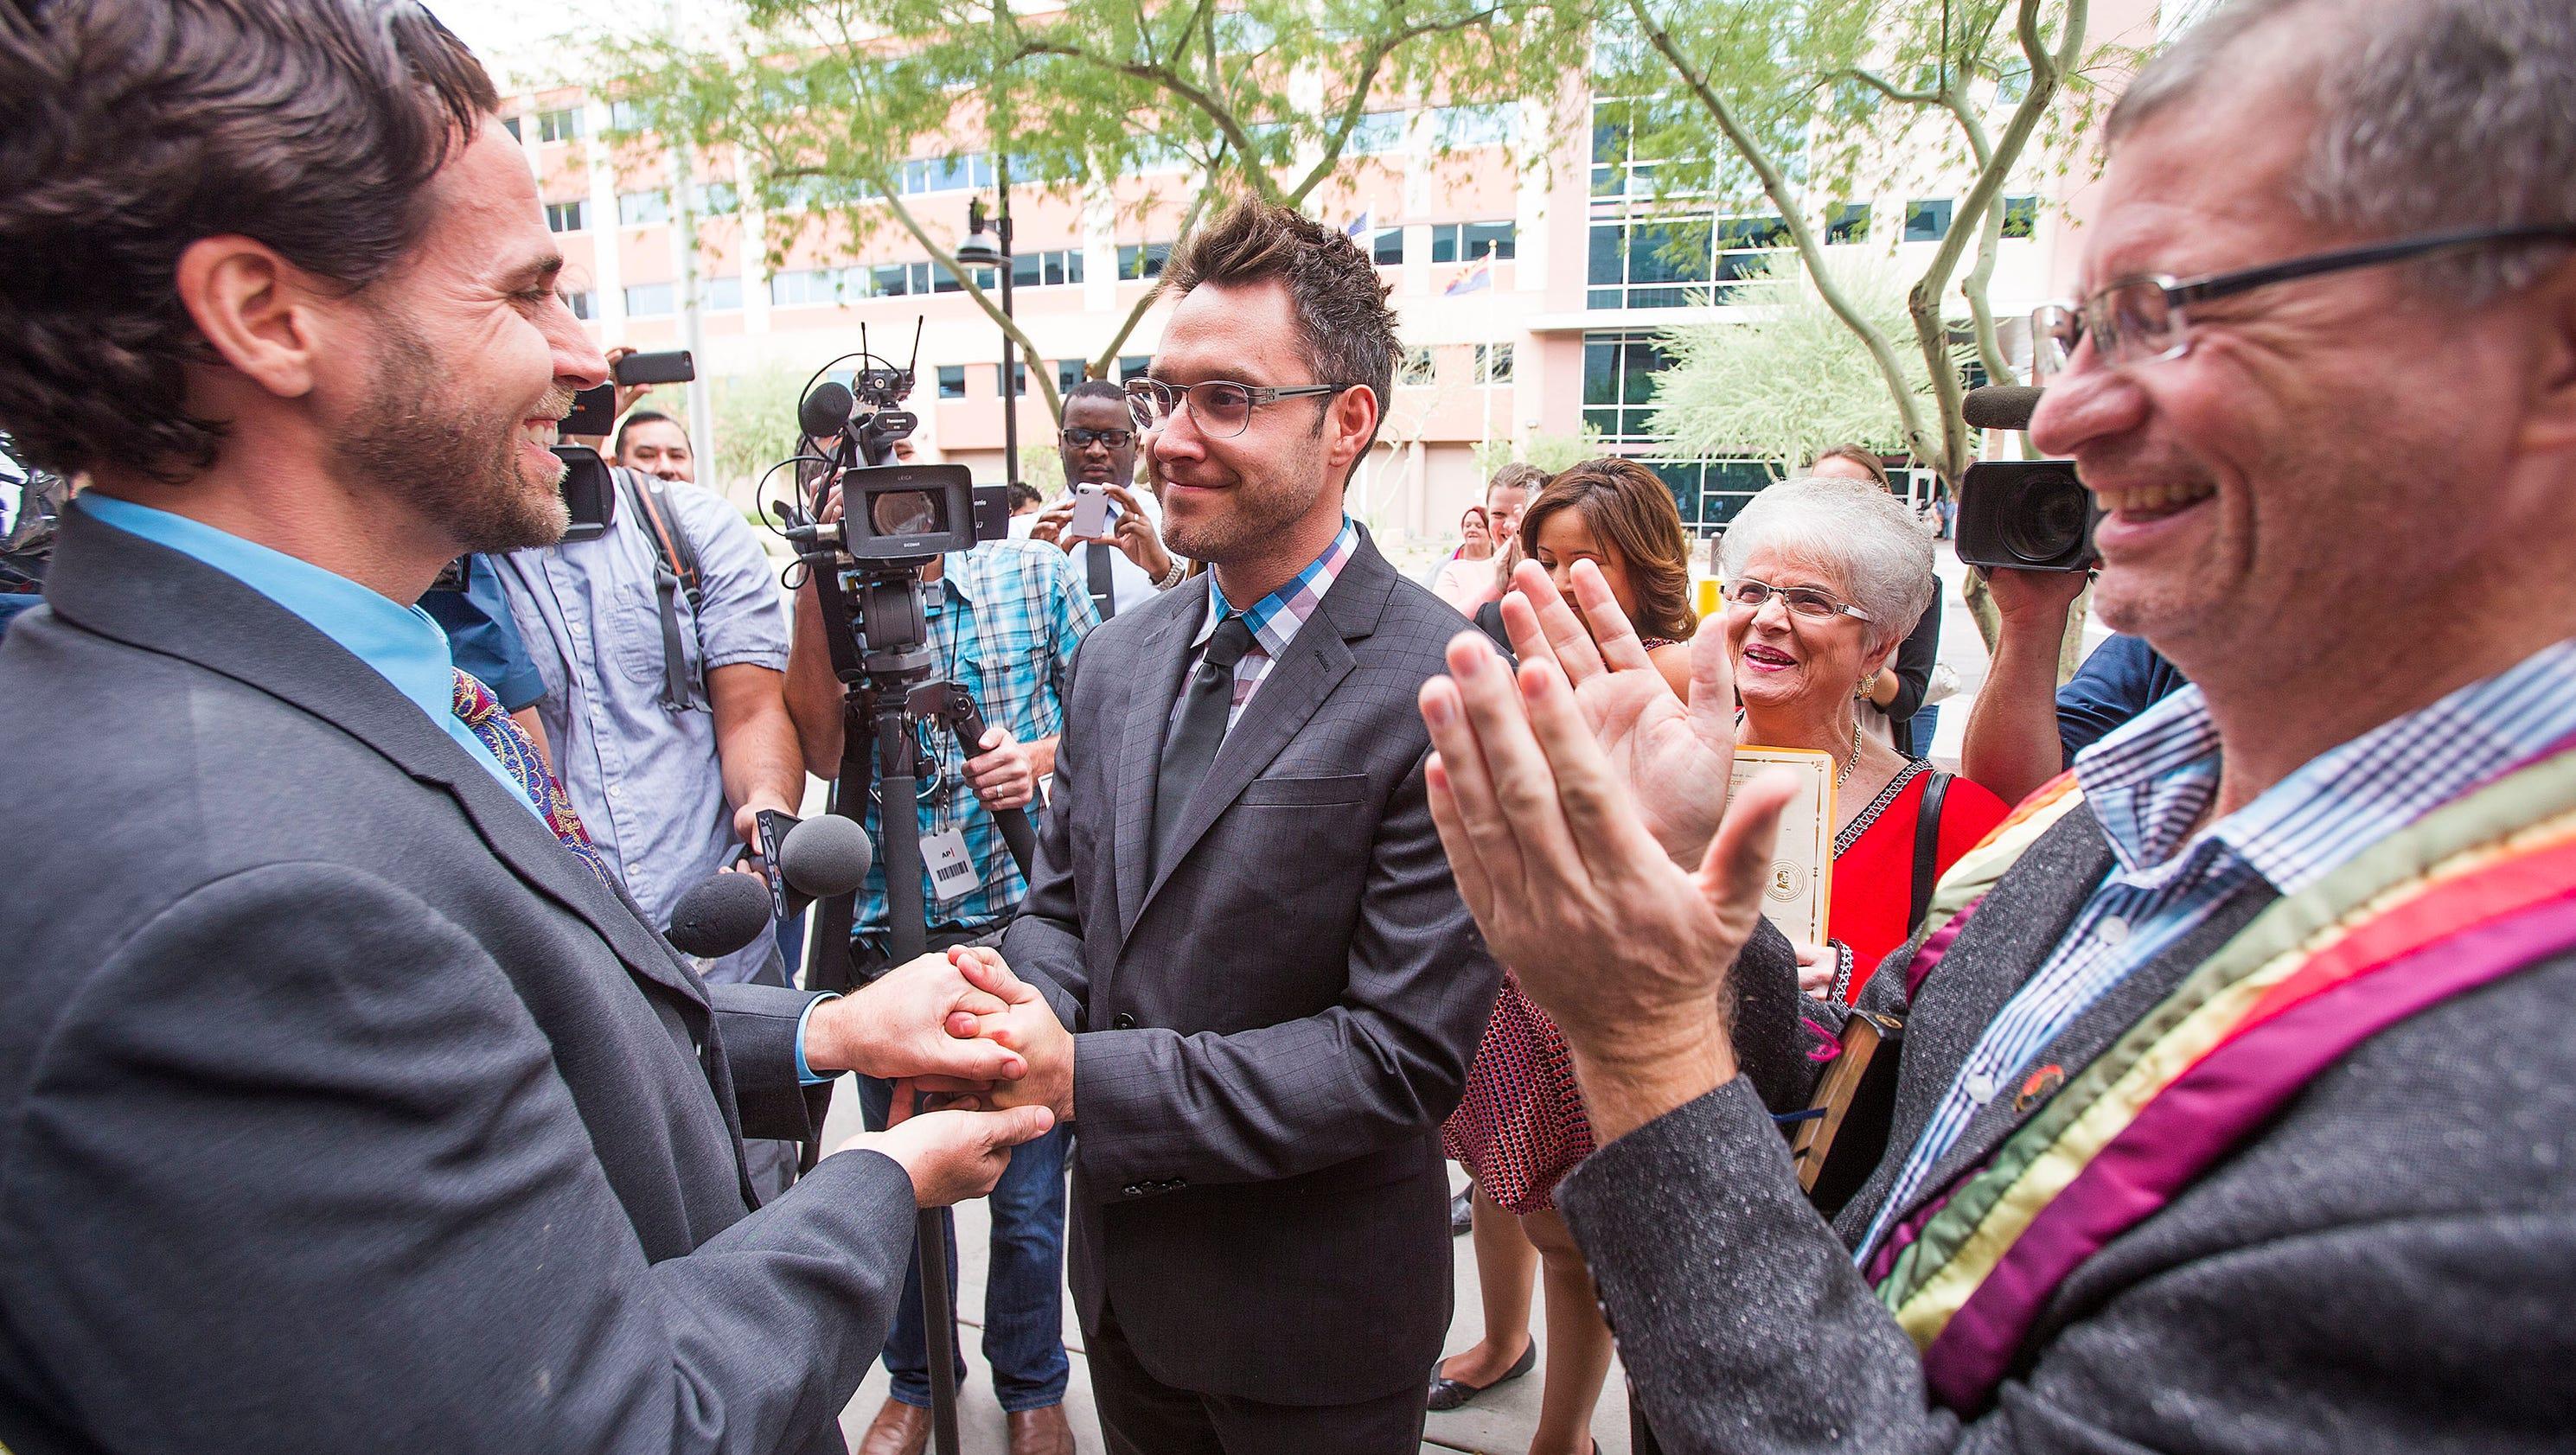 Canada Gay Legalize Lesbian Wedding